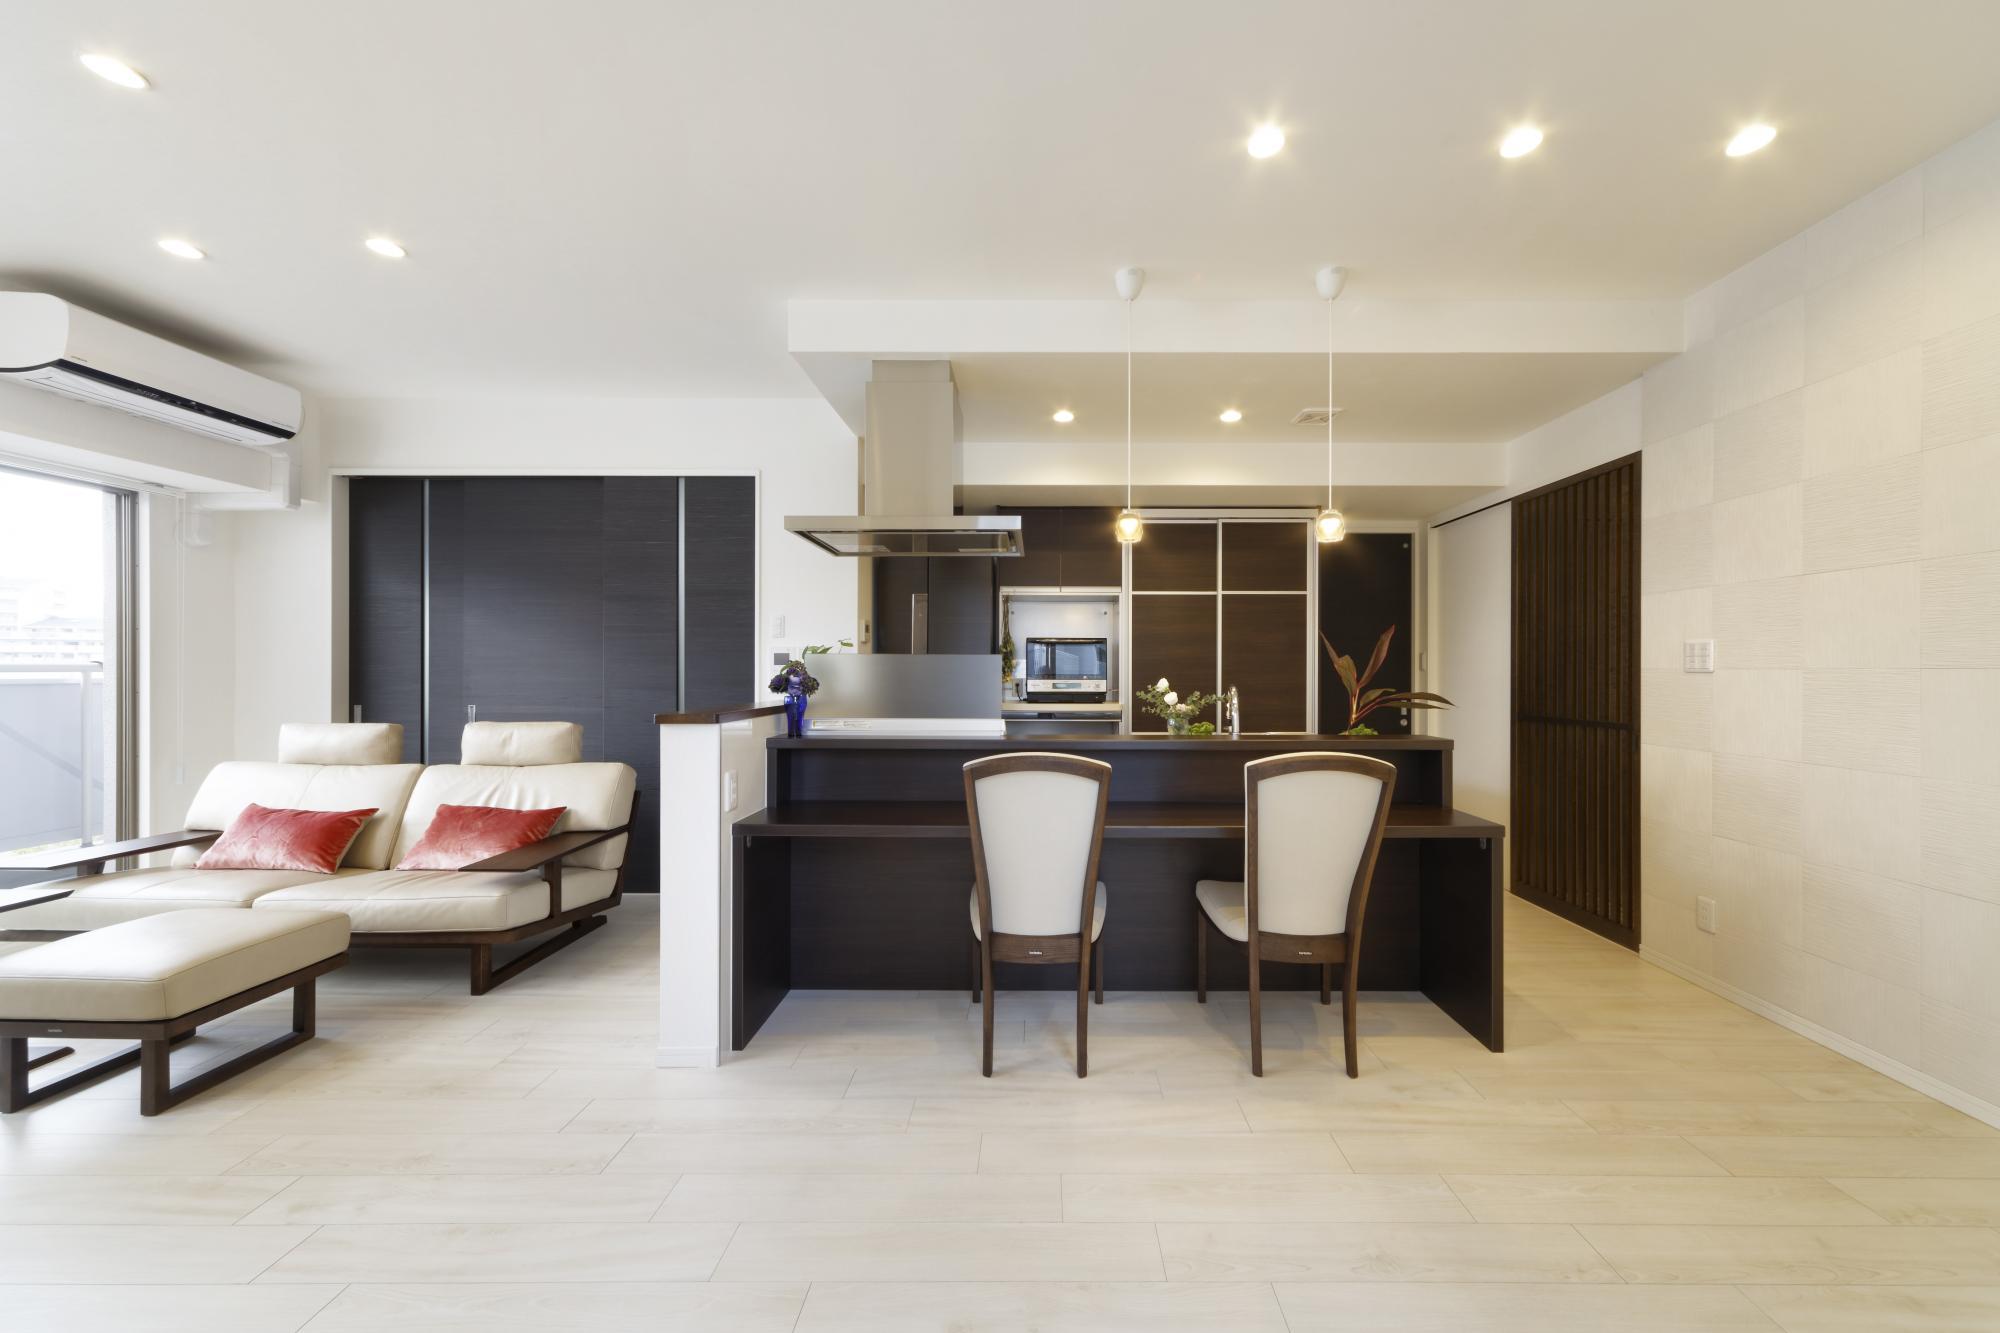 キッチンを移動し、オープンスタイルにして住まいの中心に。インテリア全体をダークブラウンのシックな色調でまとめた。